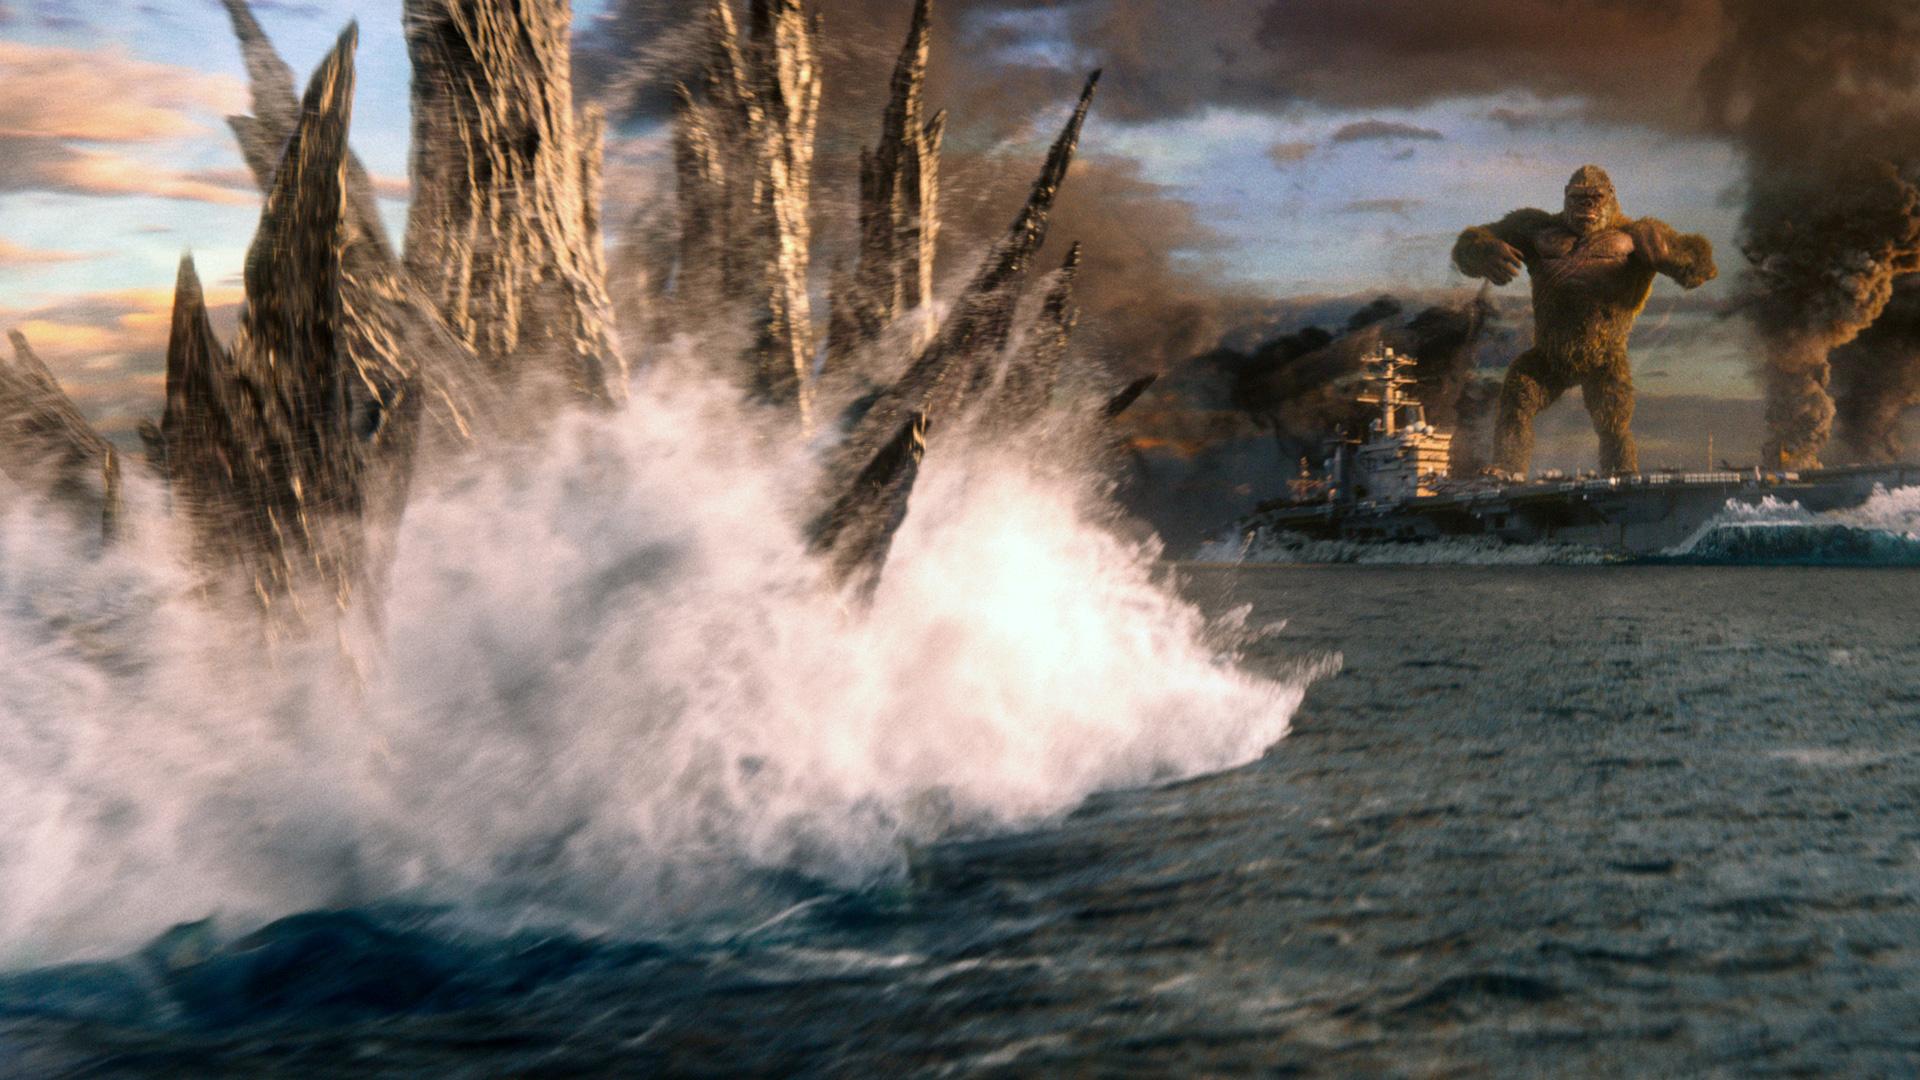 Godzilla und Kong kämpfen auf dem offenen Meer